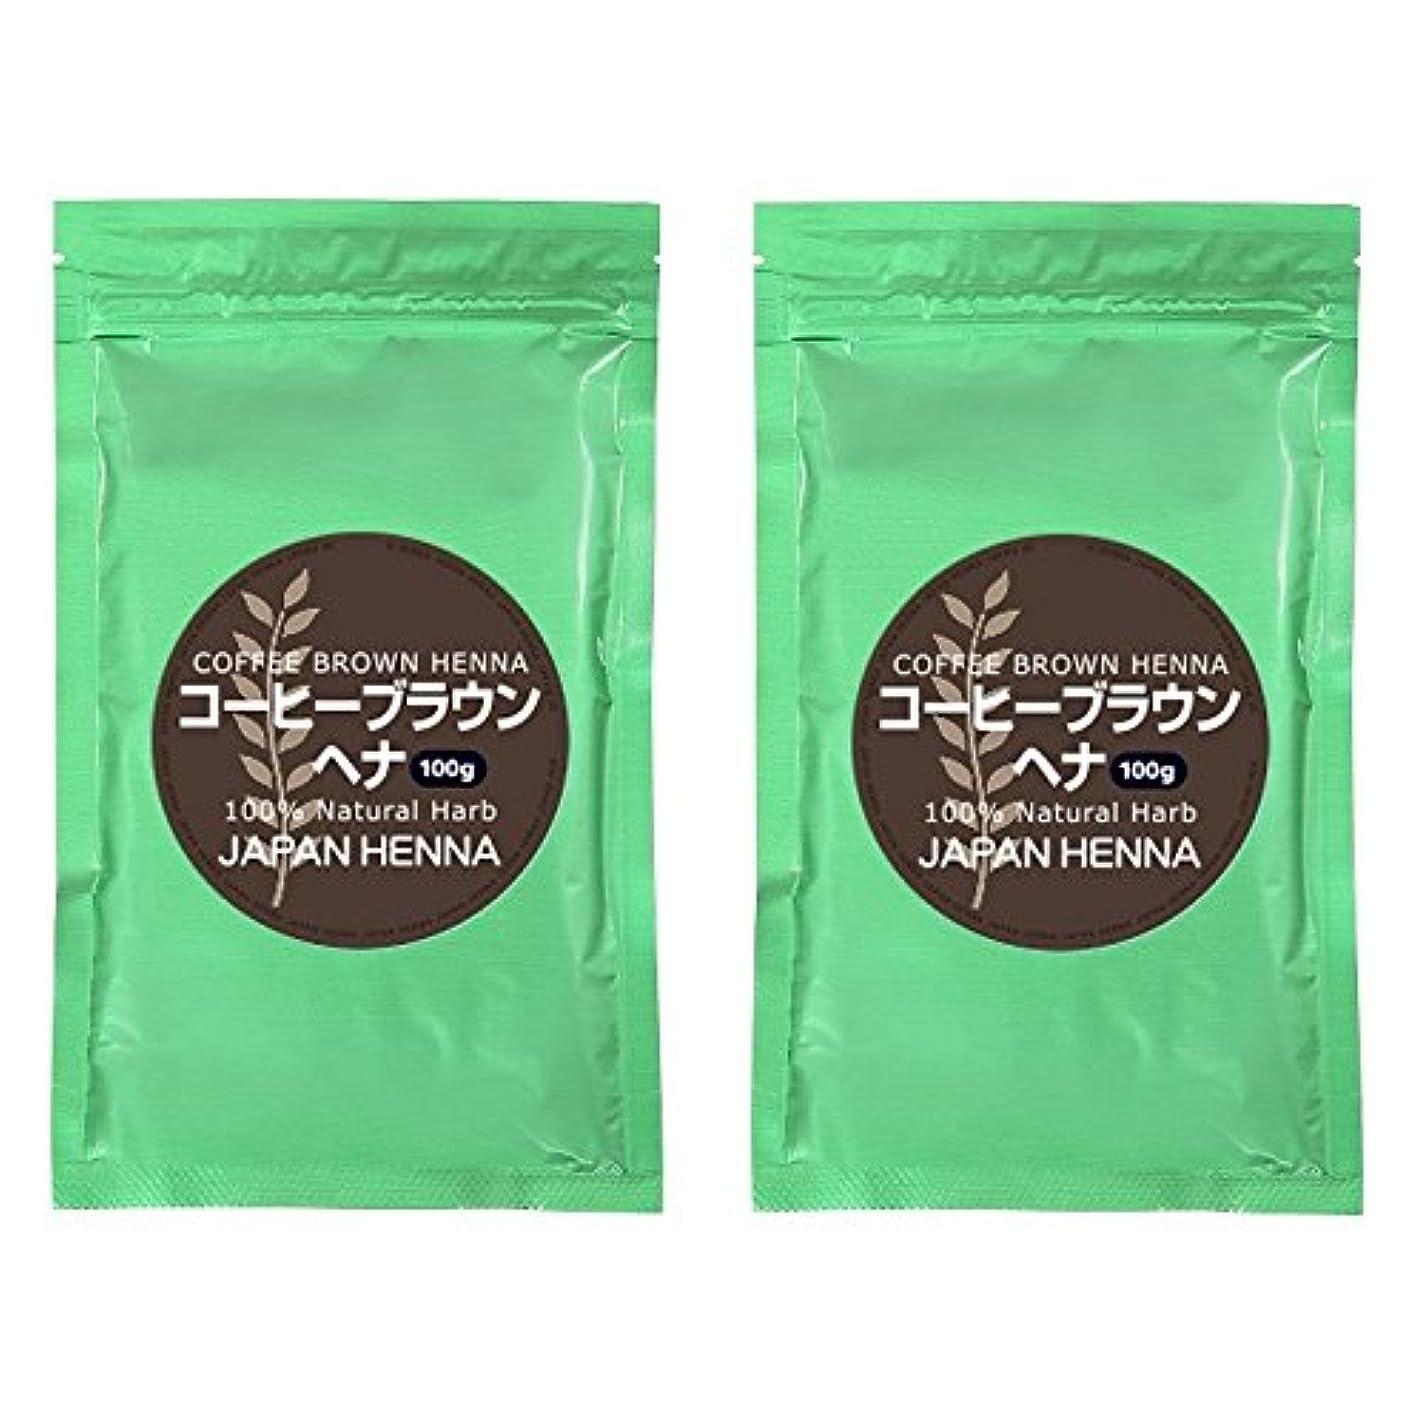 良性香りリーク【2個セット】 ジャパンヘナ 100g B-11 コーヒーブラウン ヘナカラー トリートメント